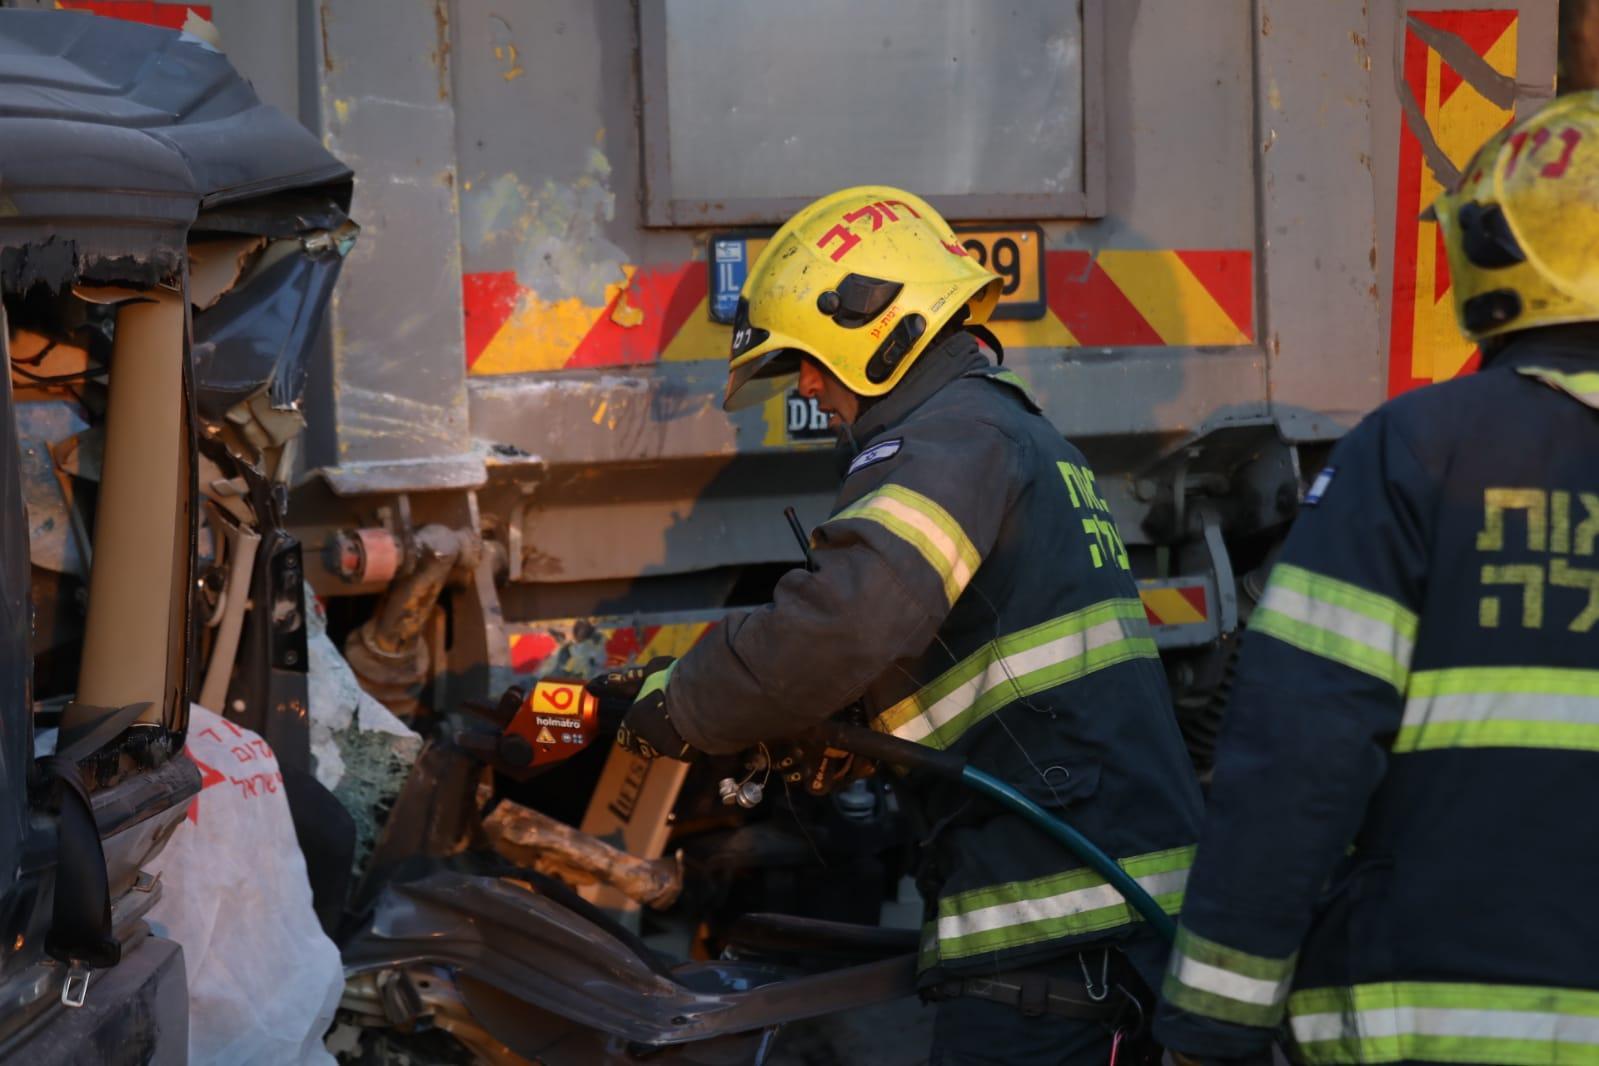 حادث طرق وسط البلاد: مصرع فلسطينيين و6 إصابات بينها خطيرة